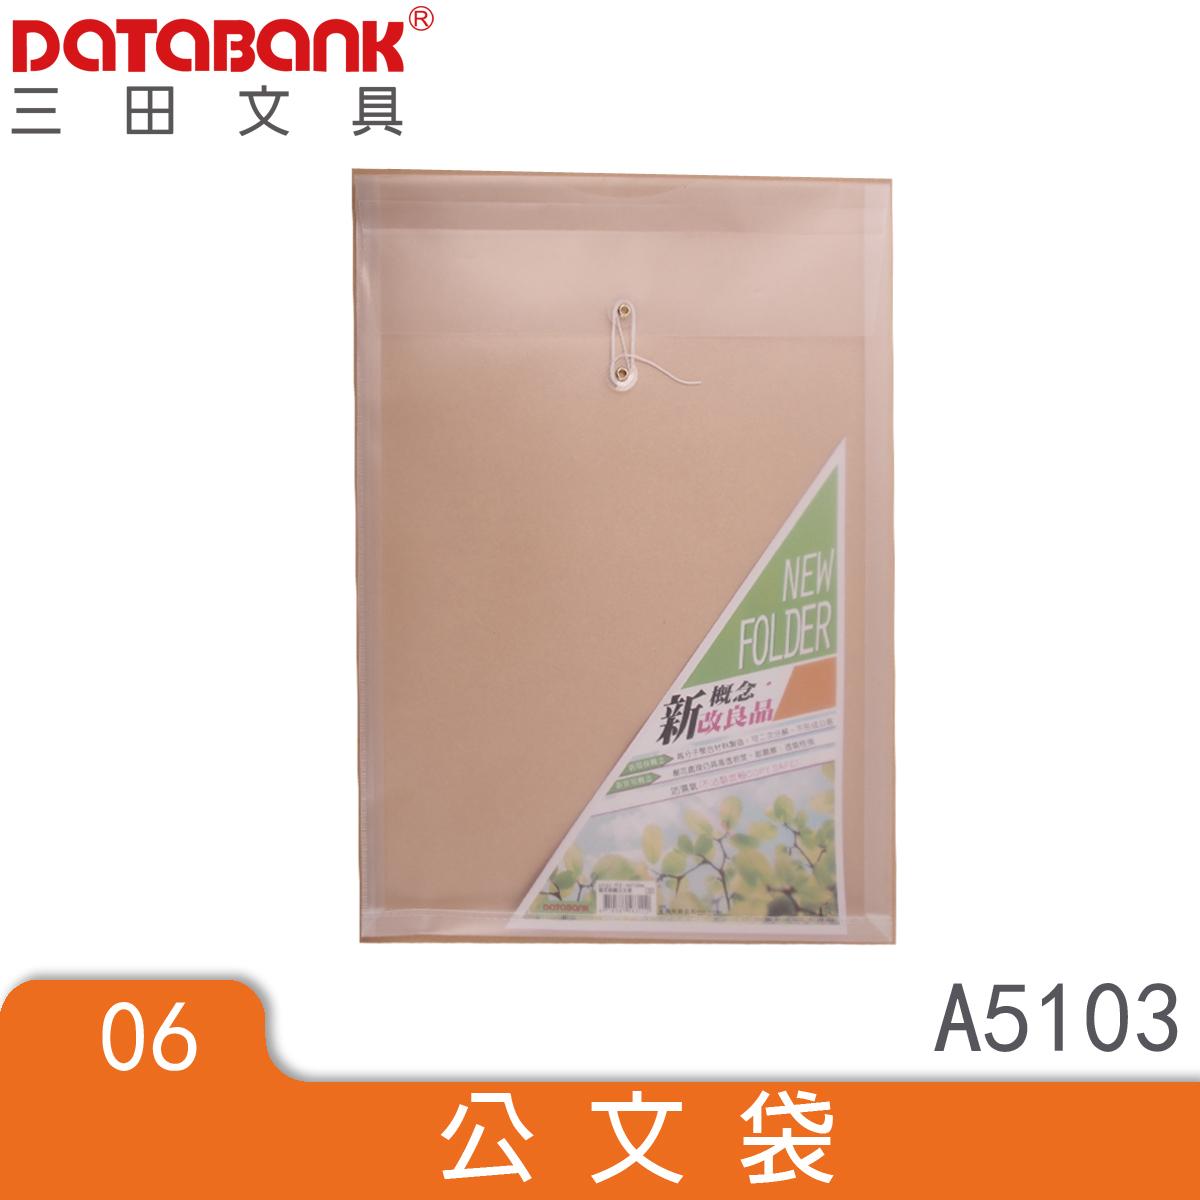 環保系列~A5 直式環保繩扣公文袋(A5103) 12入/包 公司行號 學校公家機關愛用 DATABANK